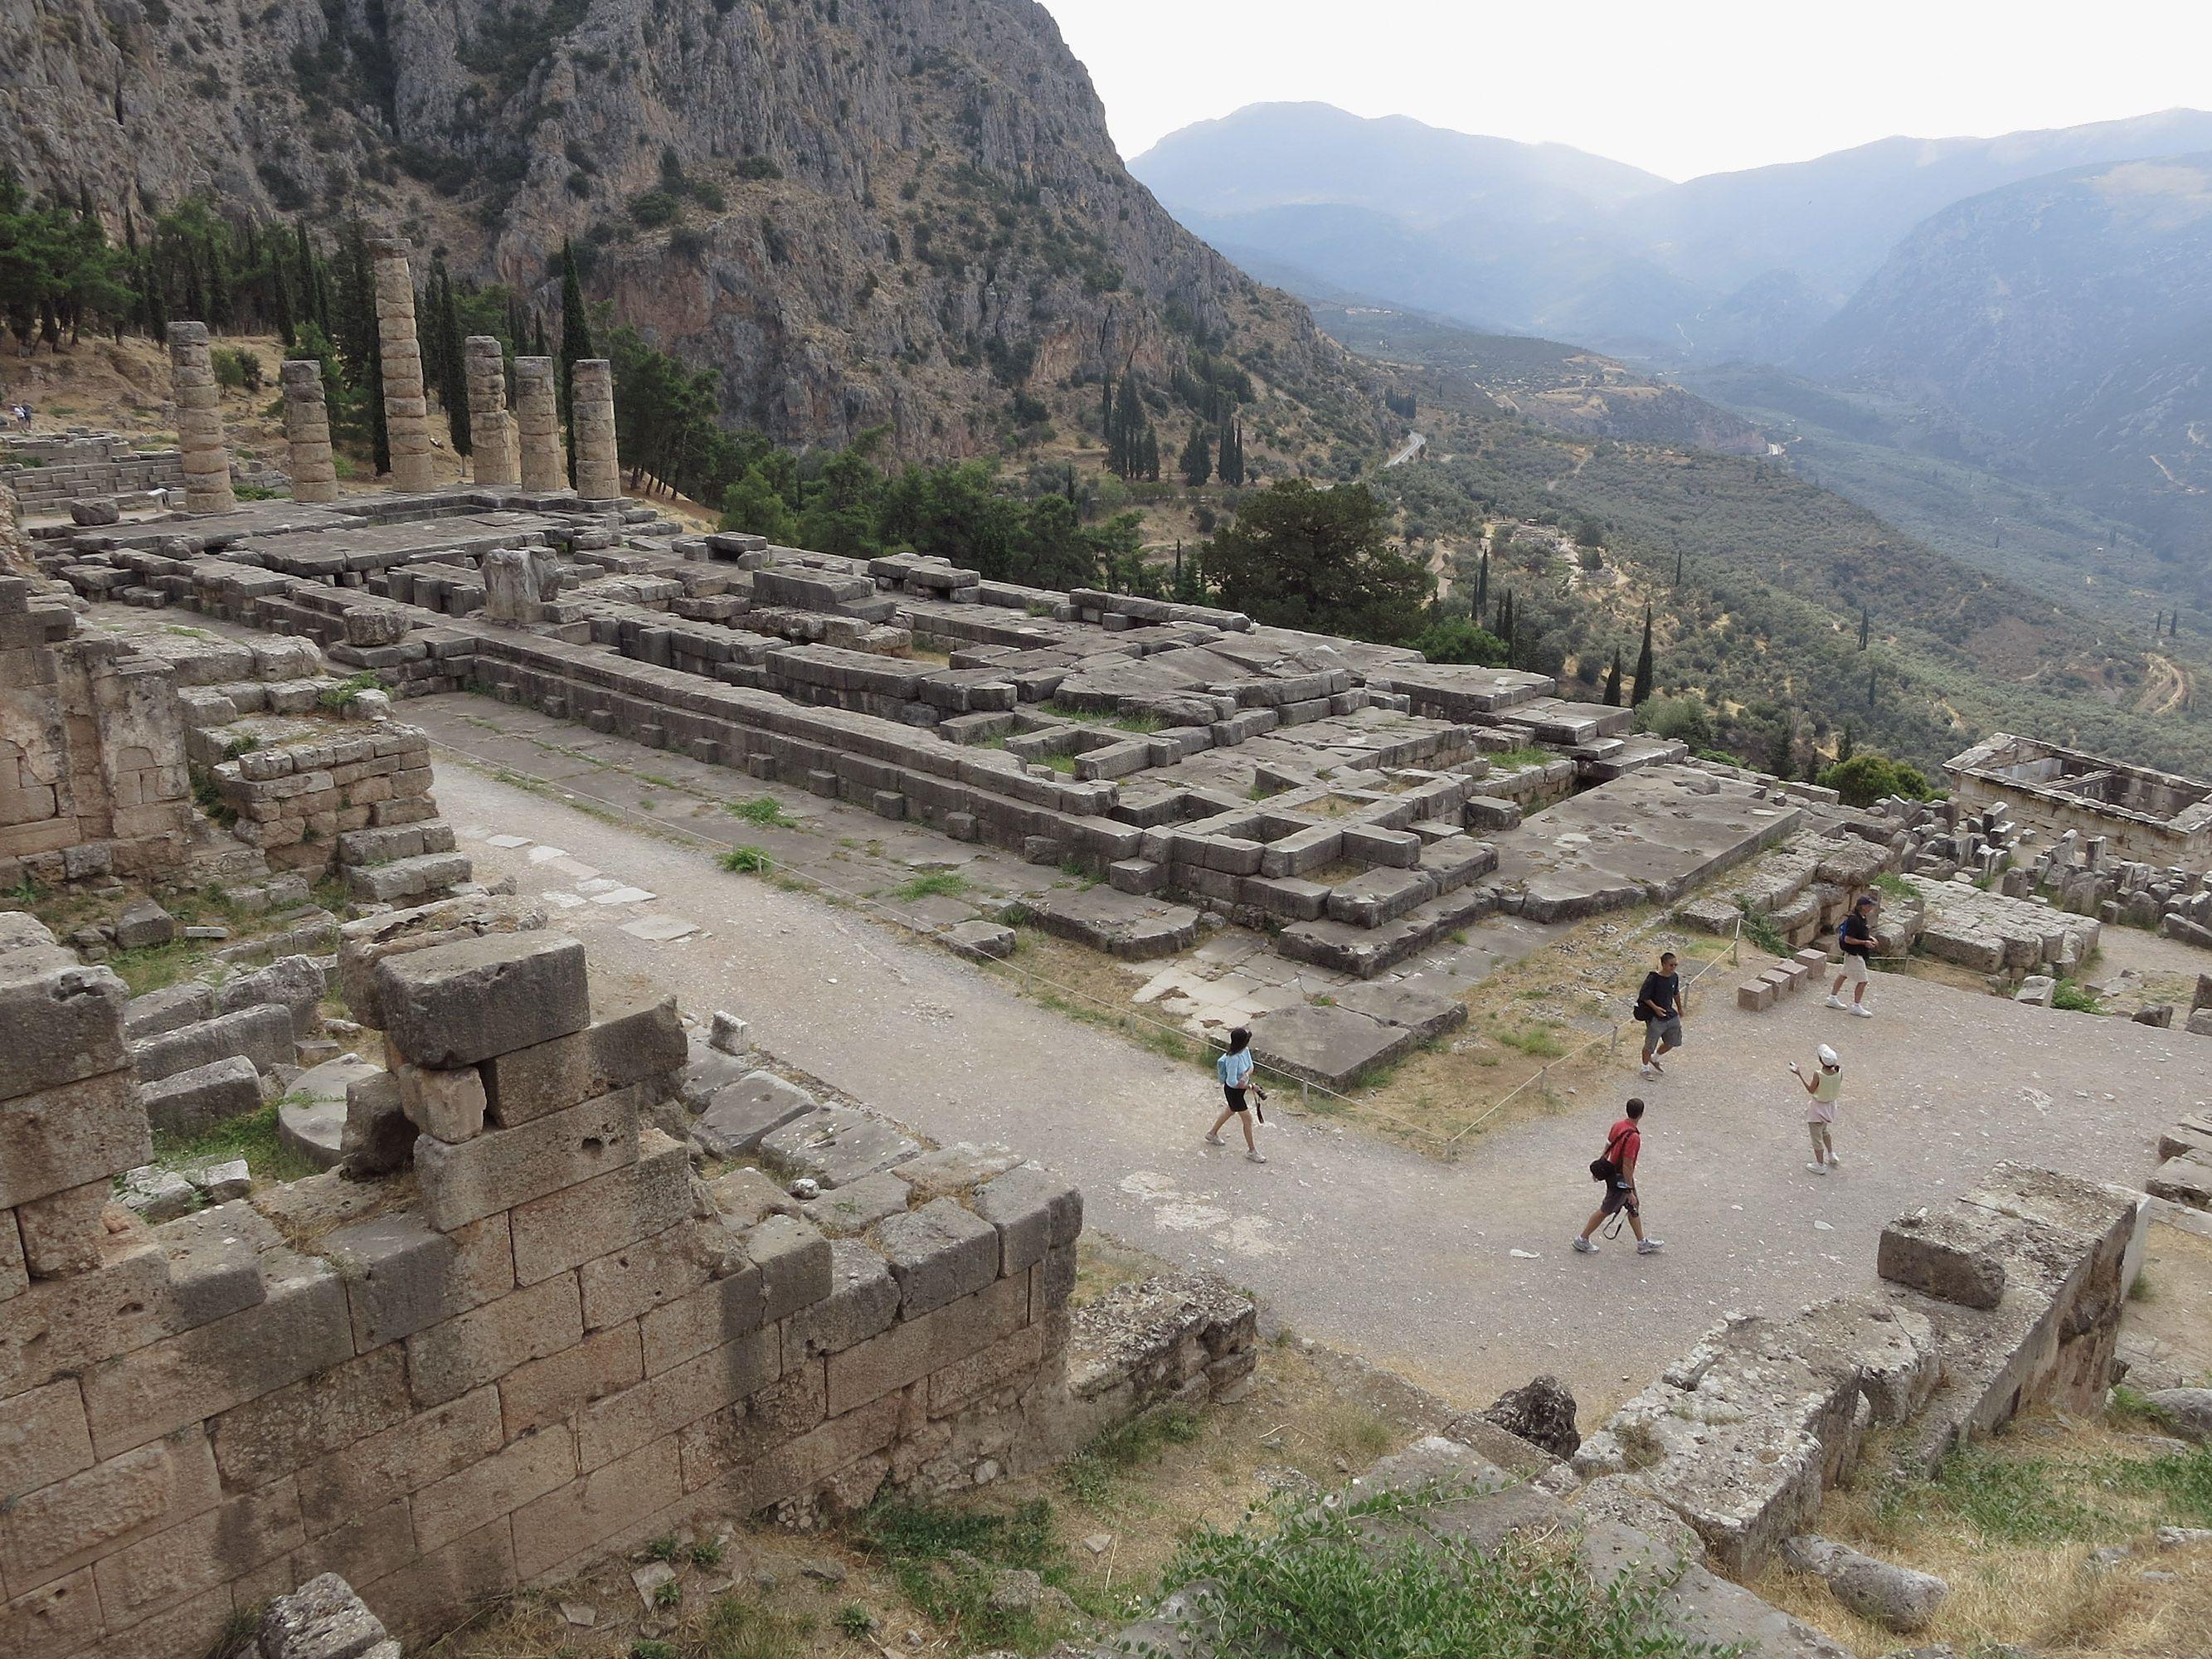 Delphi and the God Apollo